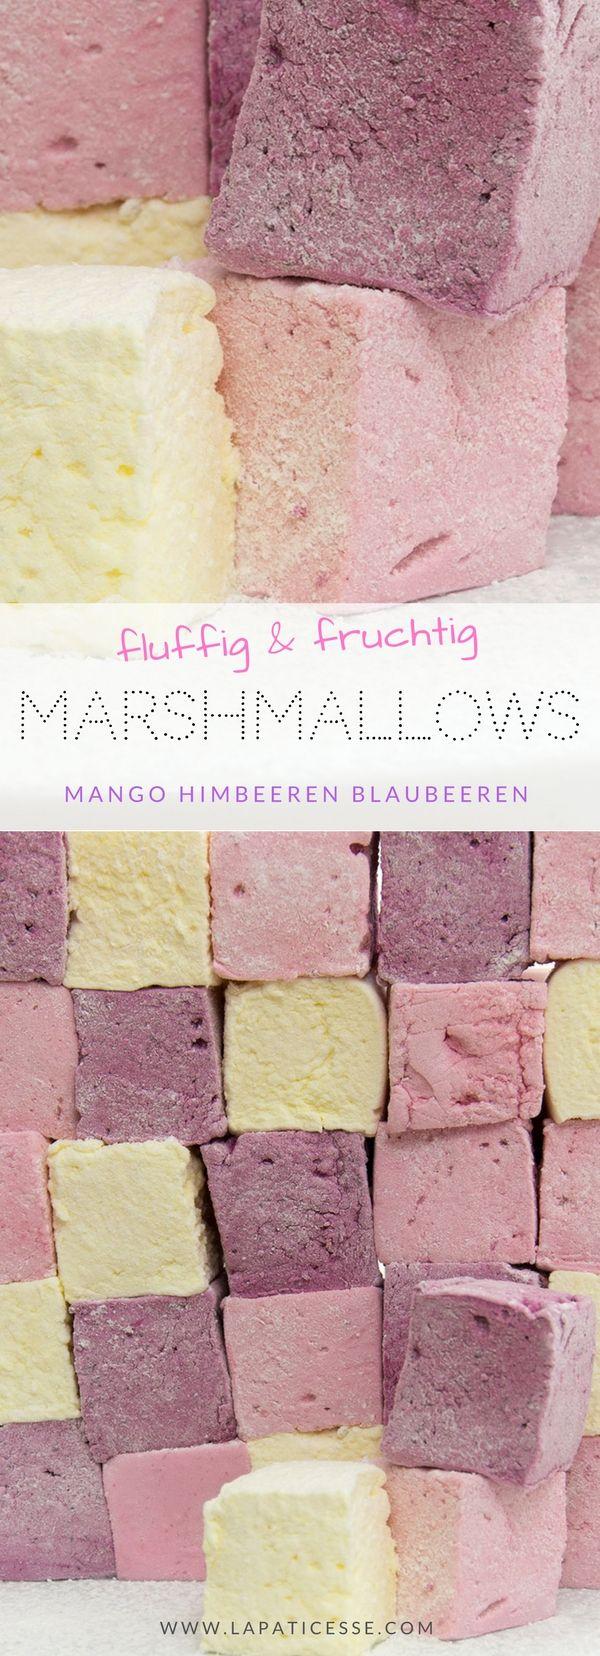 Rezept für super fruchtige Marshmallows * Einfach selbst machen * Mango Himbeeren Blaubeeren * Recette de Guimauves fruitées #Patisserie #Foodblogger #Marshmallows * Made by La Pâticesse